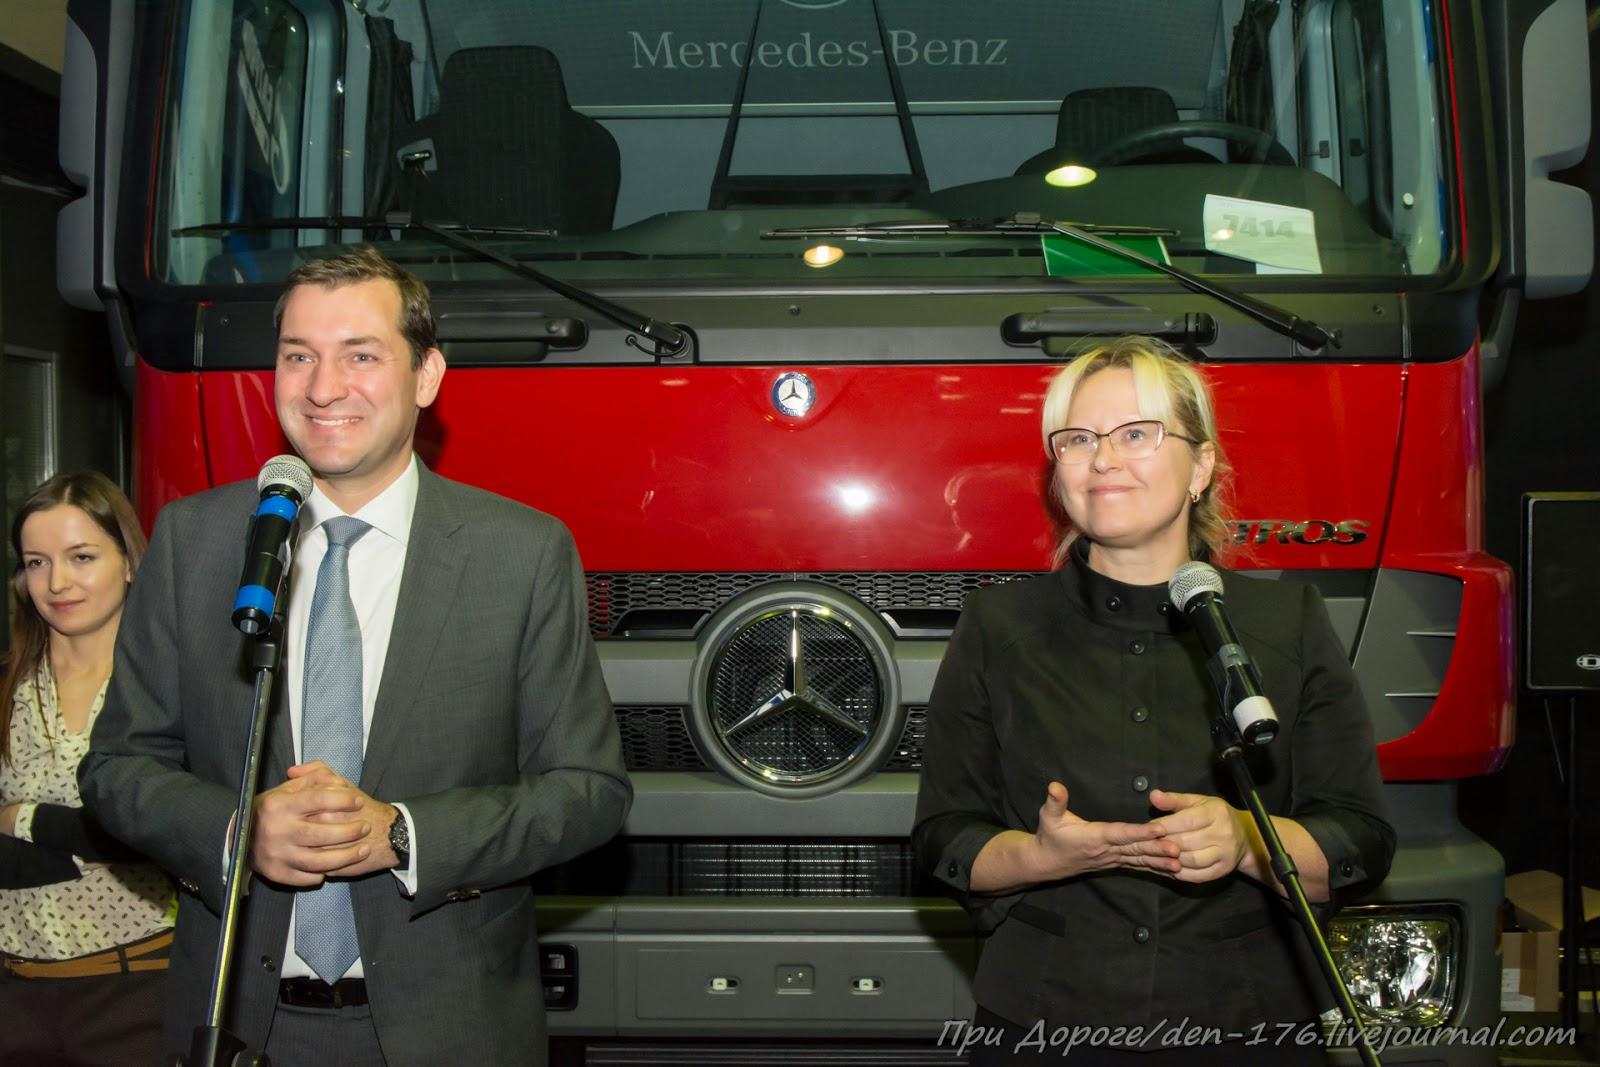 How to make MBTV 40 Mercedes Benz trucks in Naberezhnye Chelny